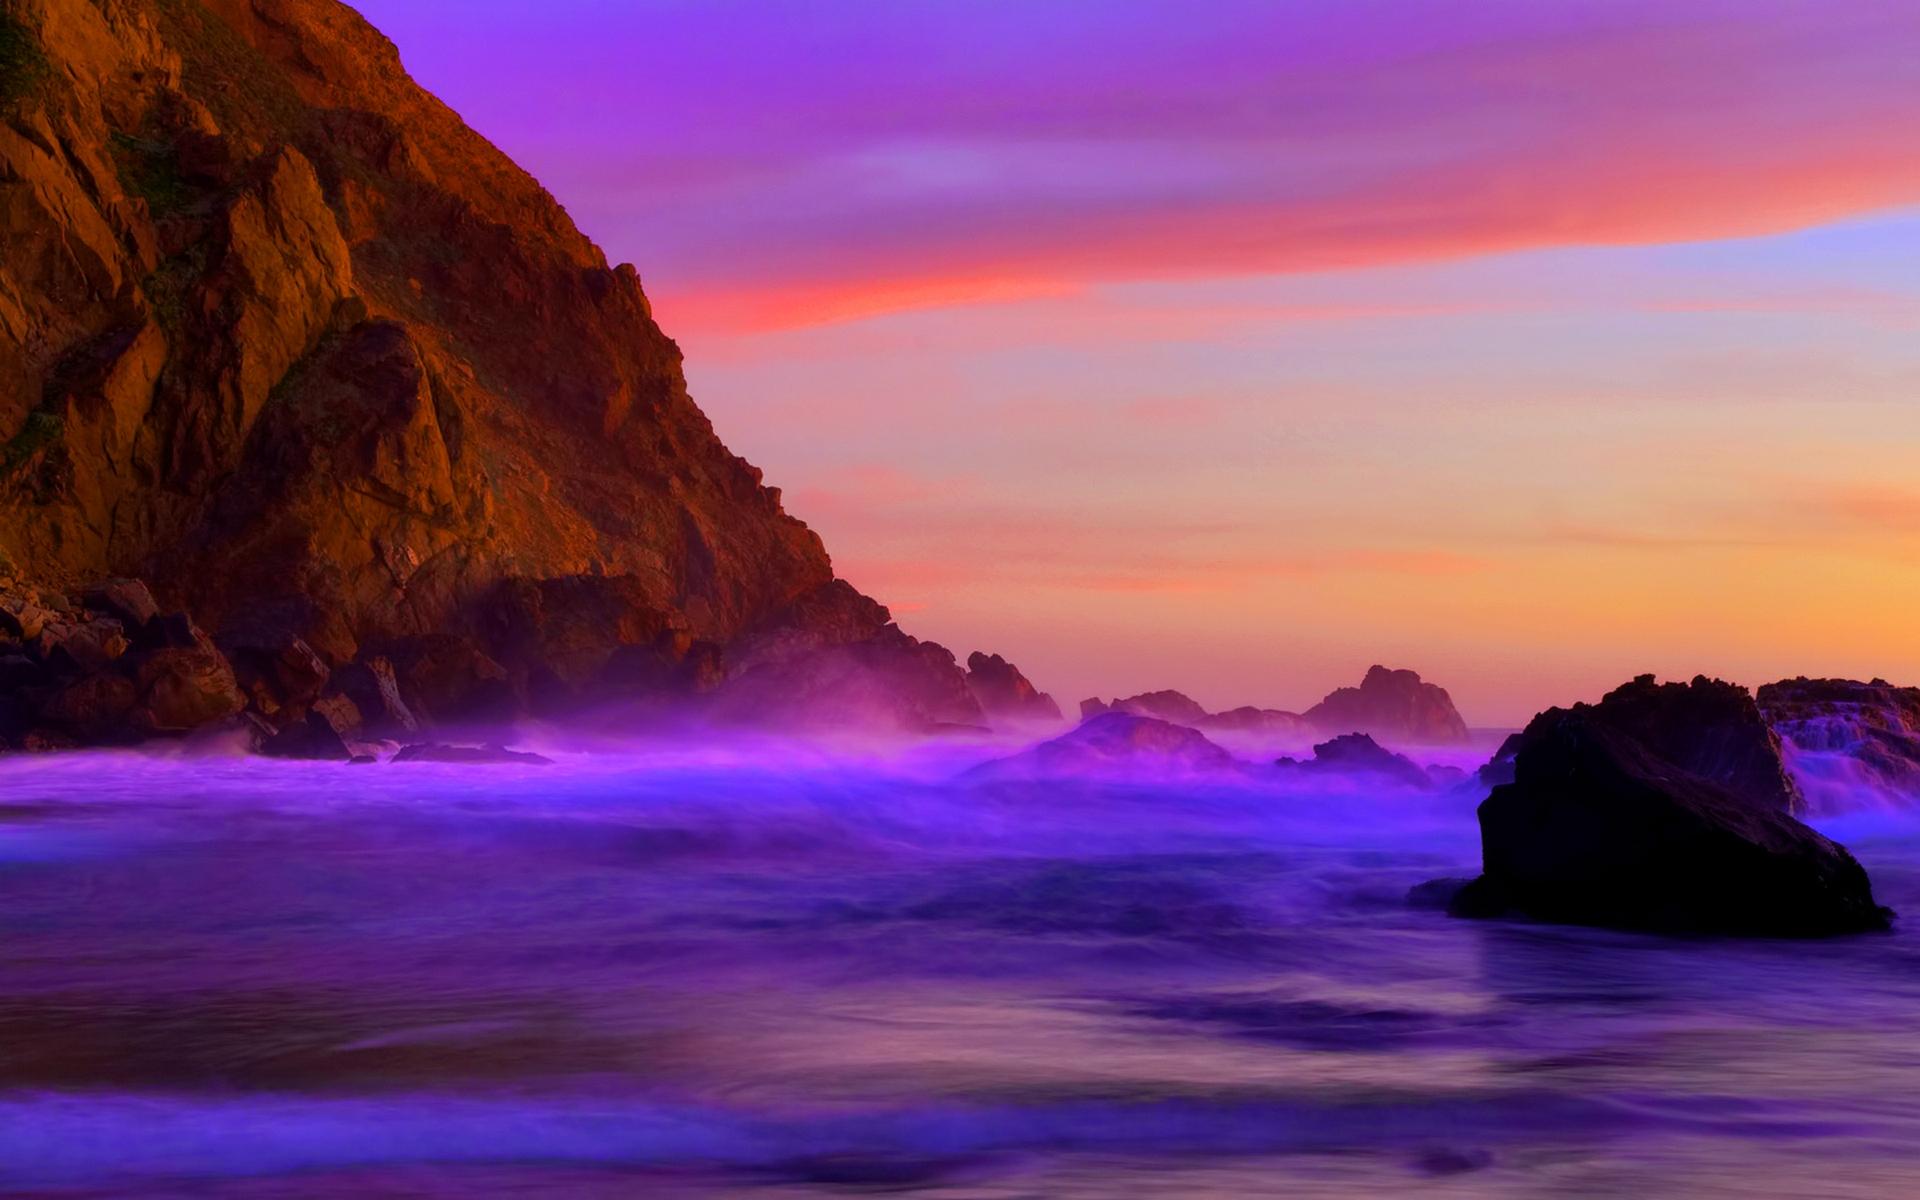 ocean wallpaper edge